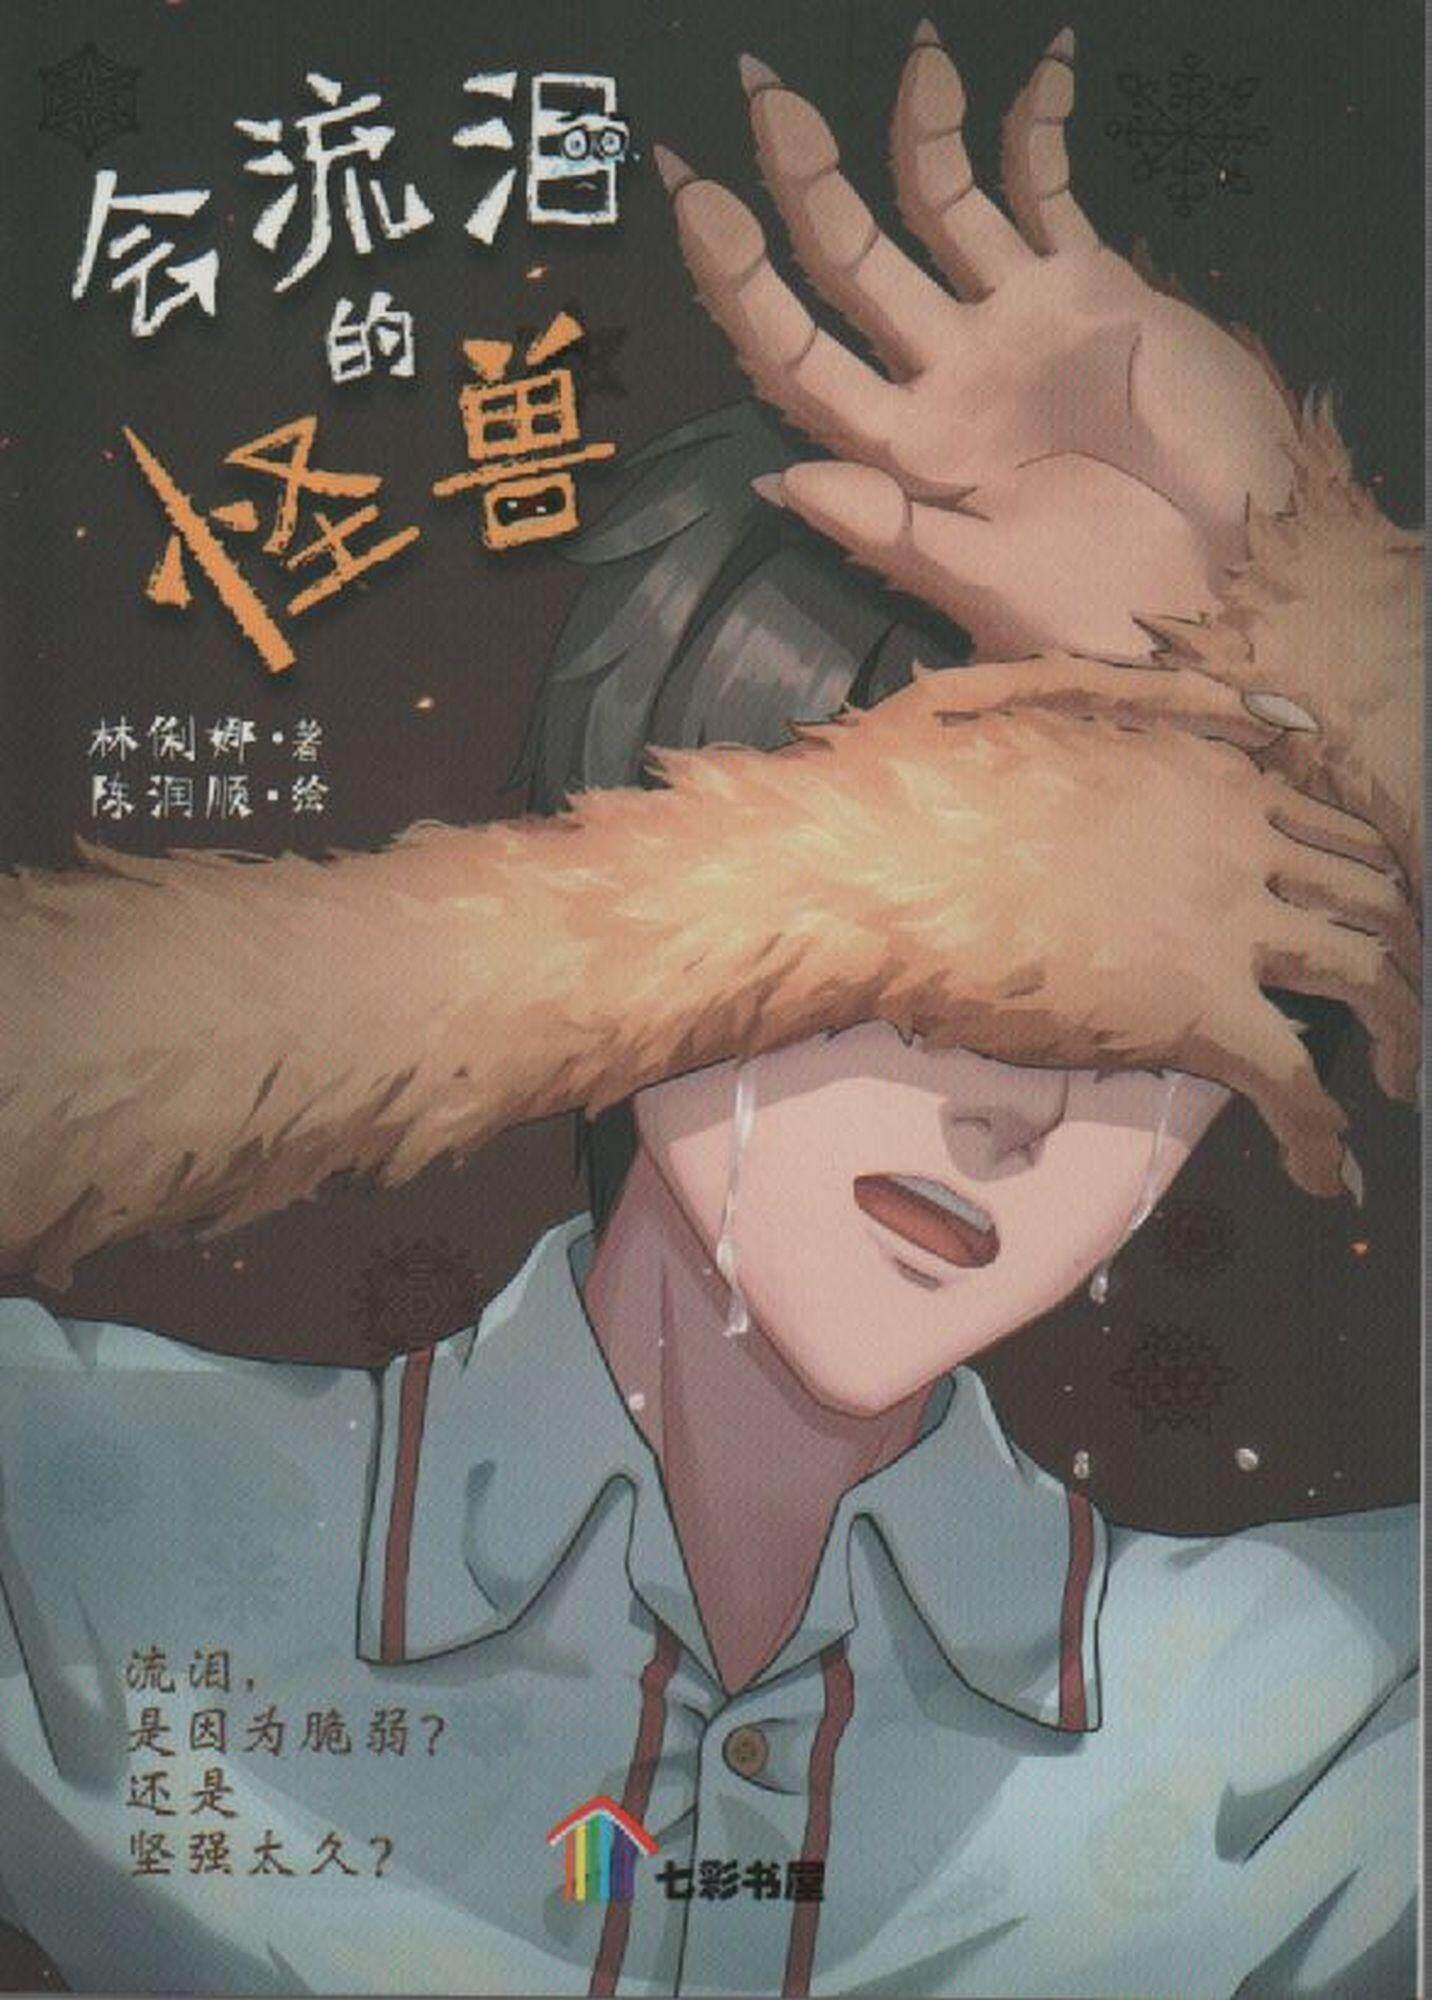 Tunas Pelangi-Qi Cai Shu Wu Xiao Shuo - Hui Liu Lei De Guaishou V Bookmark 七彩书屋小说-会流泪的怪兽 By Topbooks.